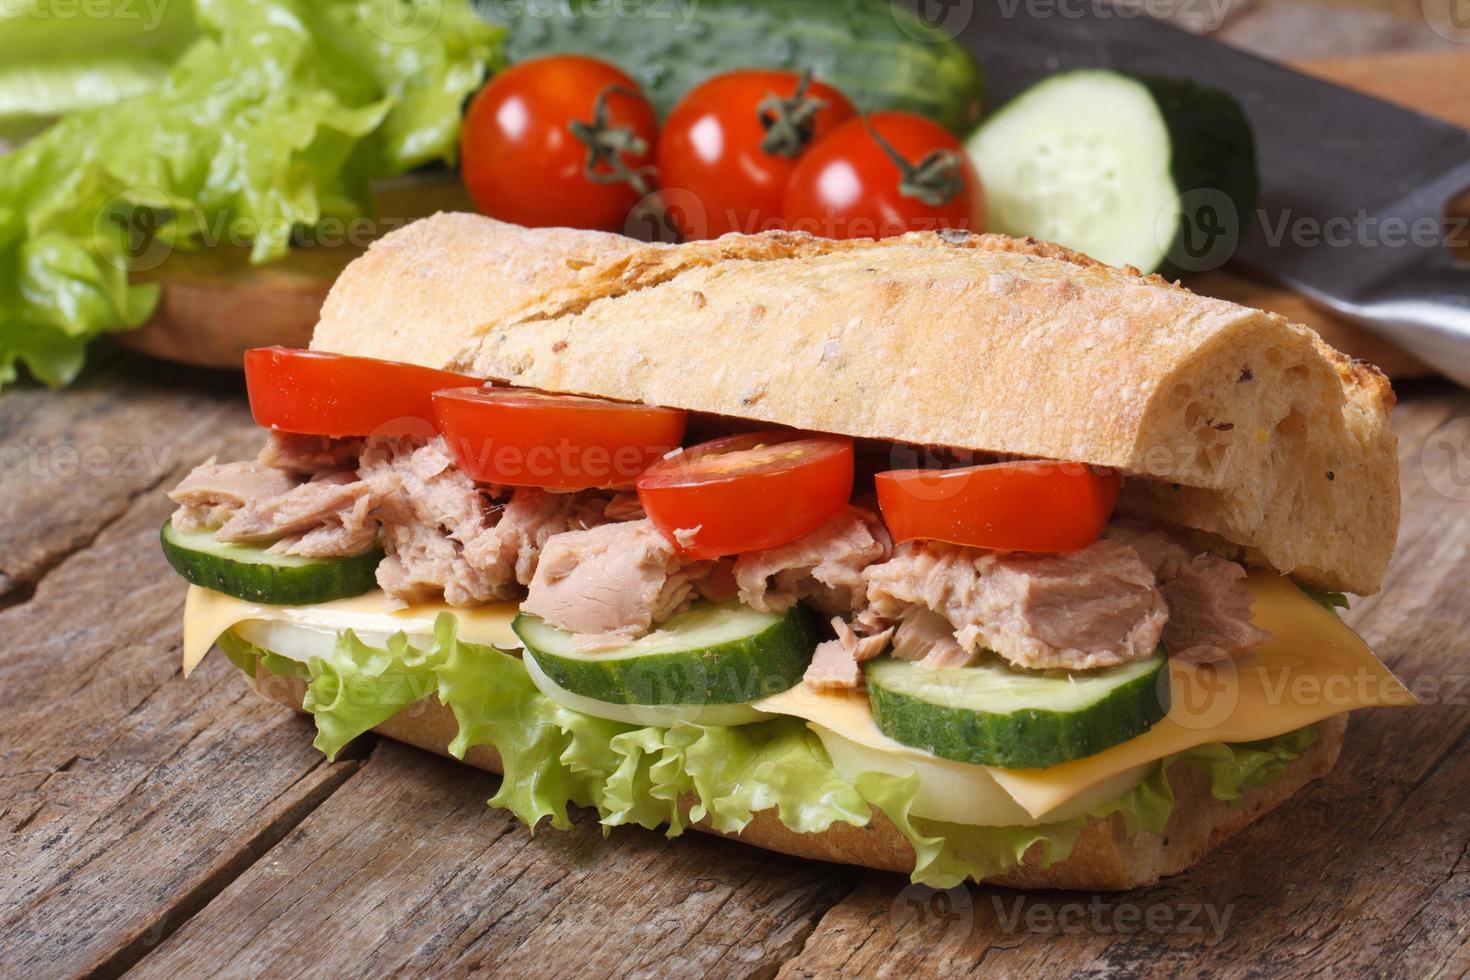 sanduíche de atum com legumes no fundo dos ingredientes. foto